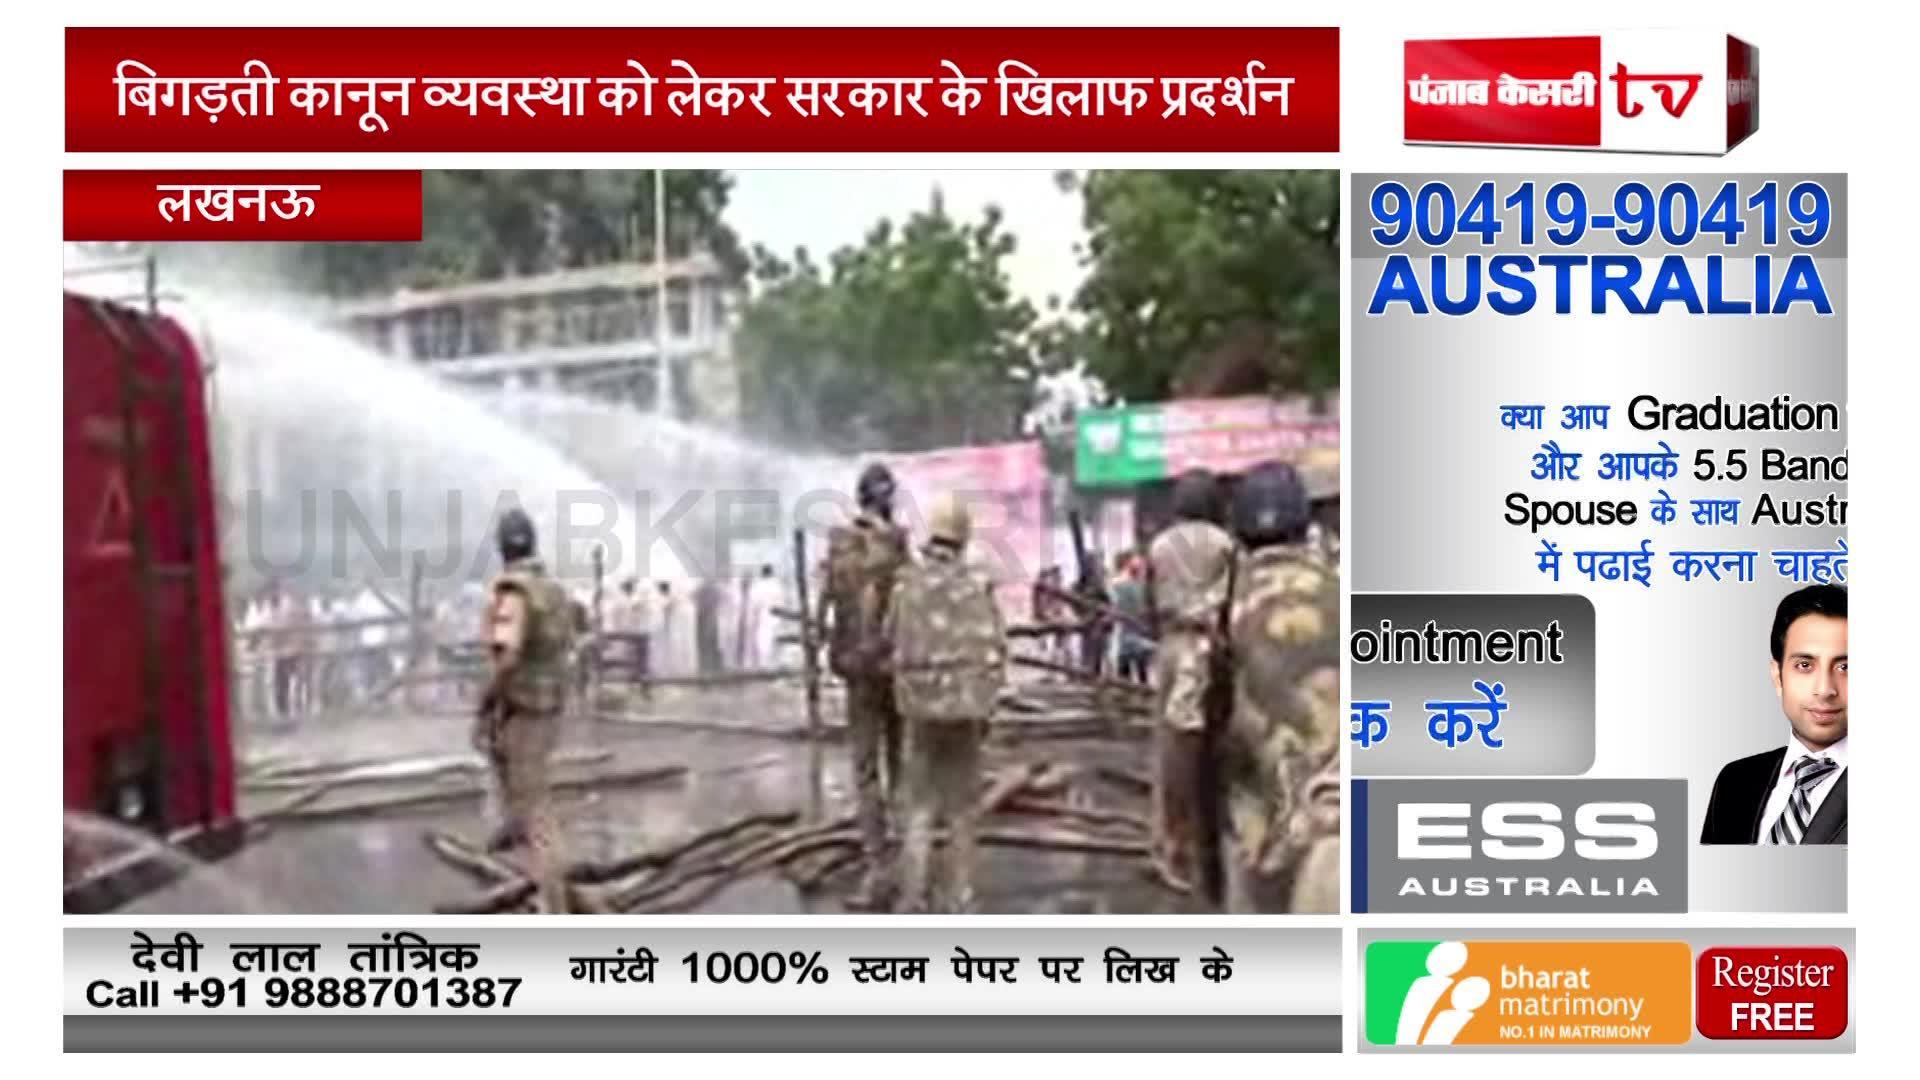 विधानसभा पर बीजेपी का प्रदर्शन, पुलिस ने जमकर बरसाई लाठियां